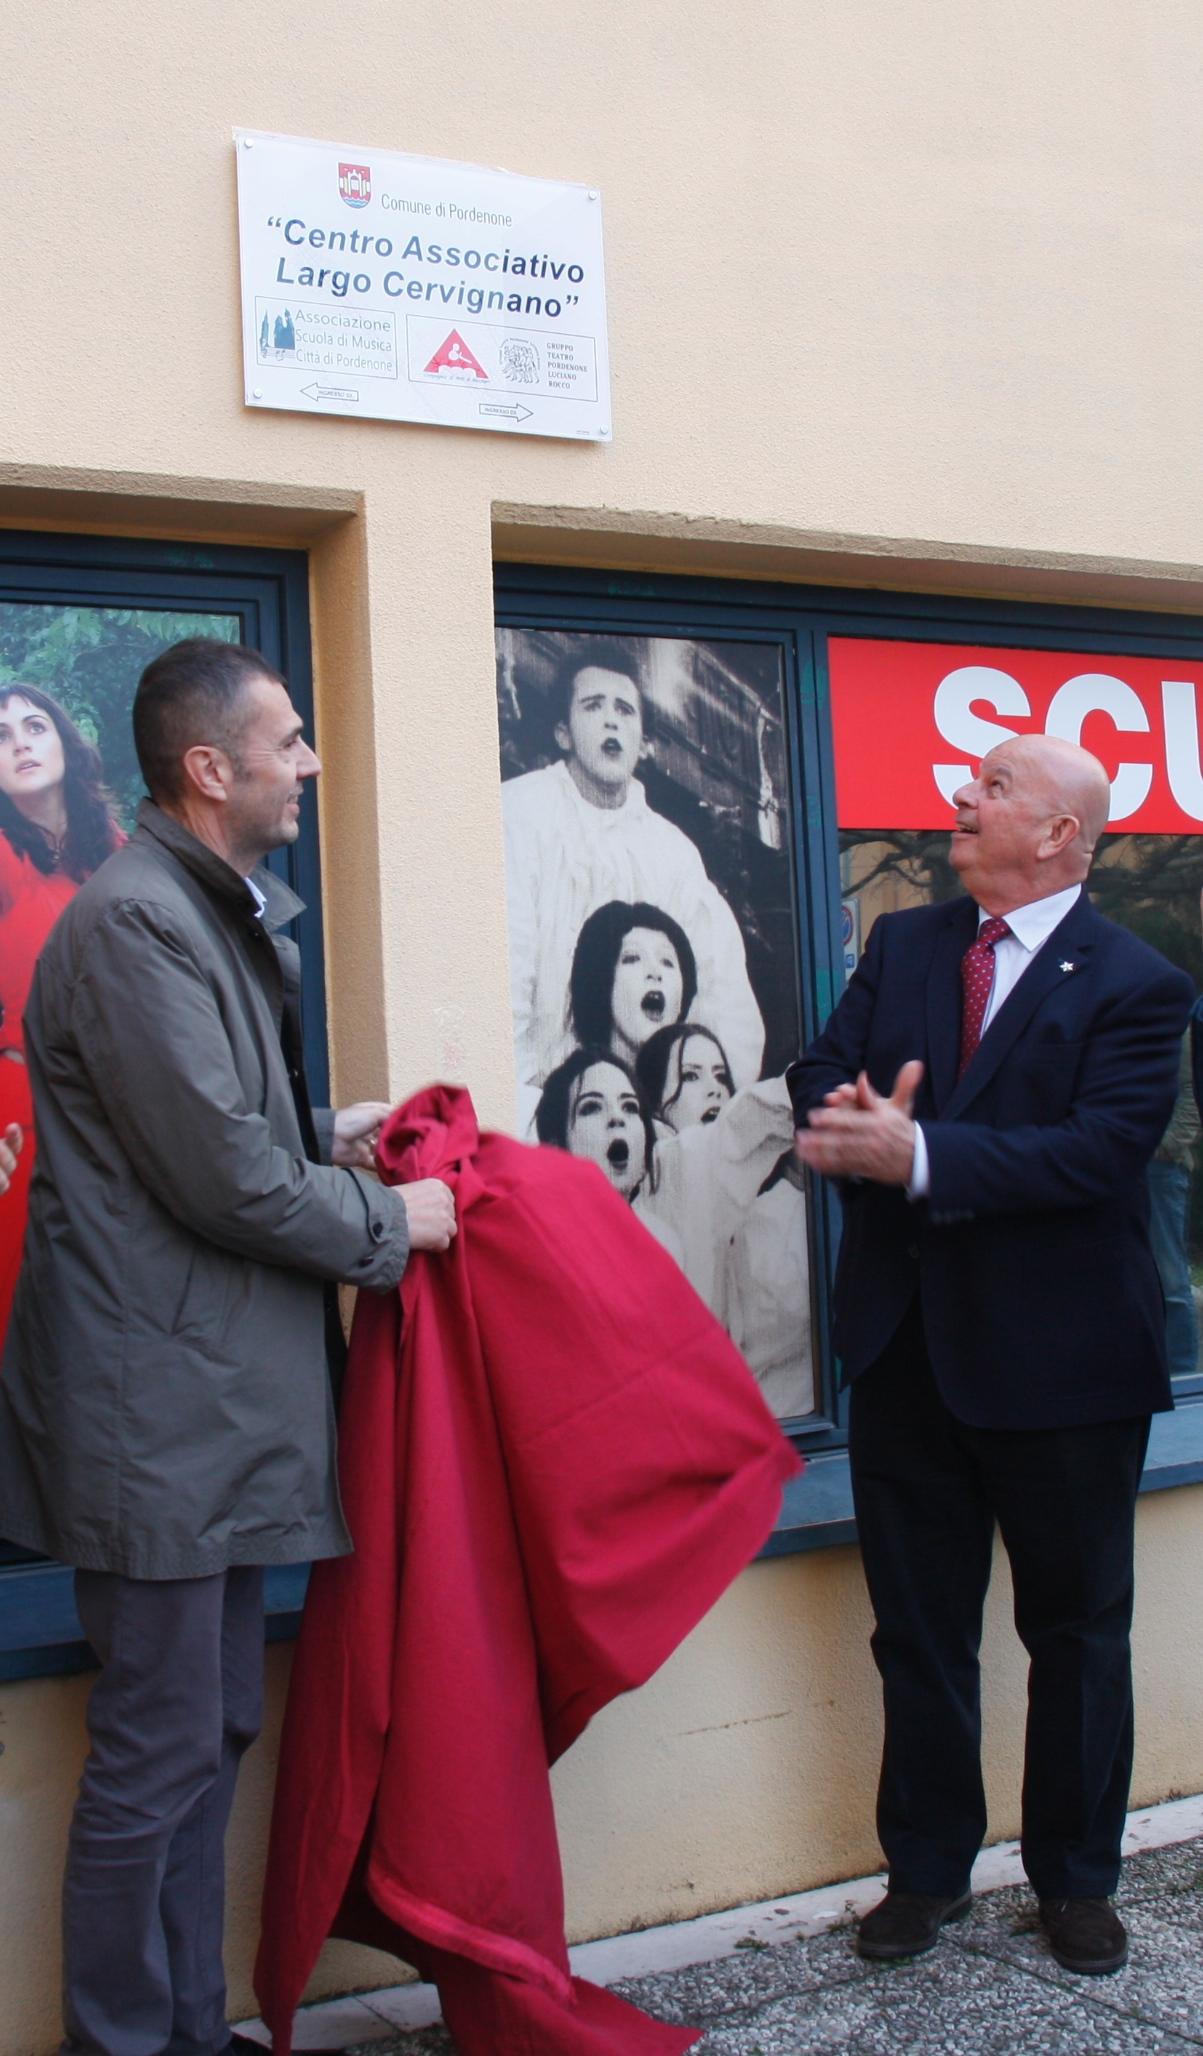 Il sindaco Alessandro Ciriani e l'assessore Walter De Bortoli scoprono la targa